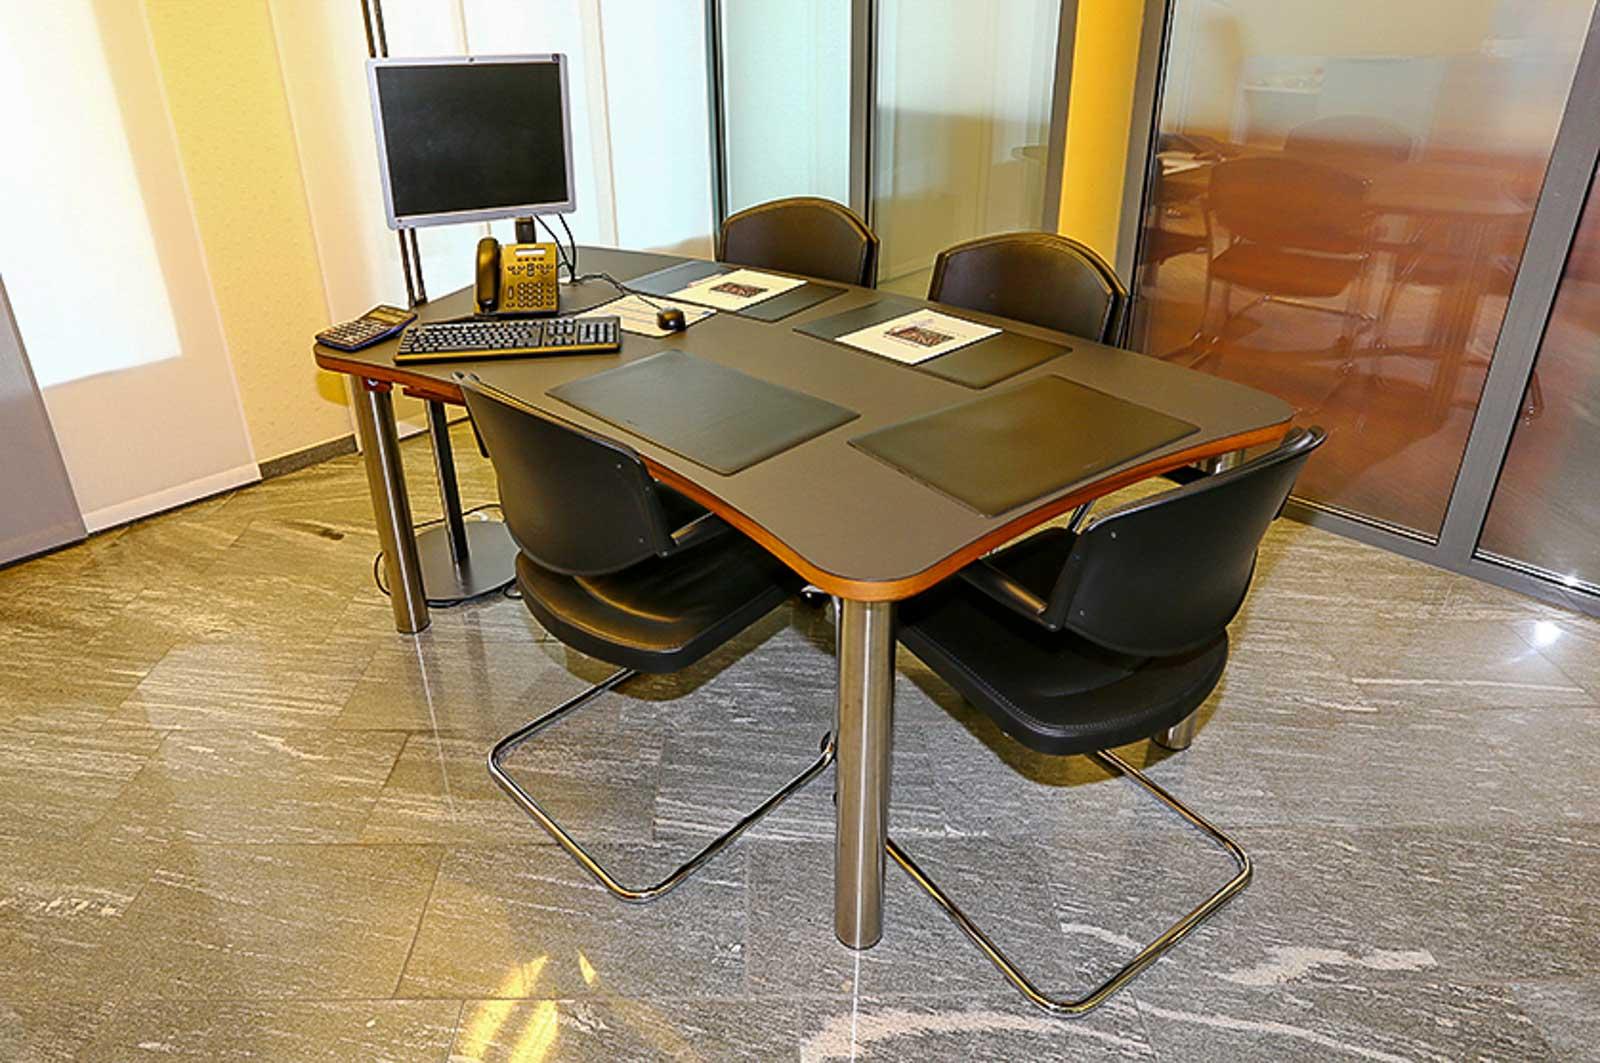 Wooddesign_Büro_Homeoffice_Schreibtisch_höhenverstellbar_Regal_Schubladen_Wandschrank_Sideboard_Besprechungstisch_Empfangstheke (2)